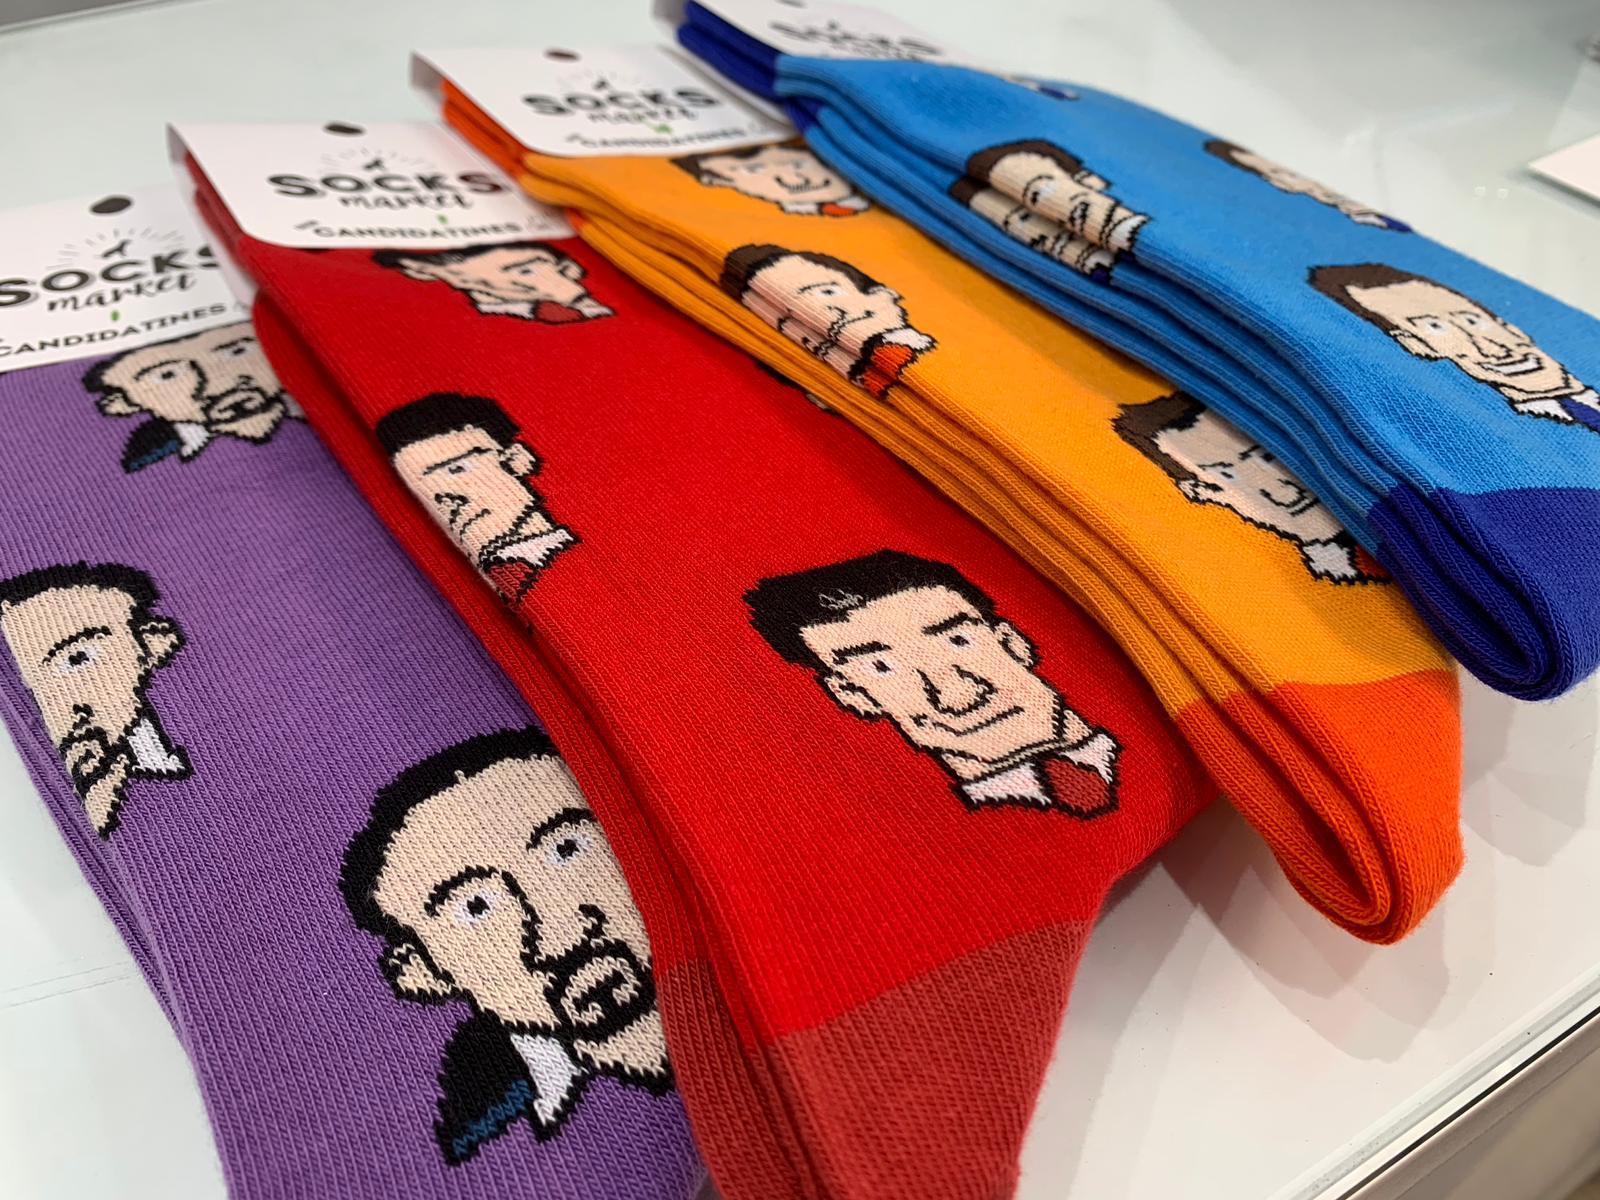 Los calcetines de los candidatos. Foto: Joan Guirado